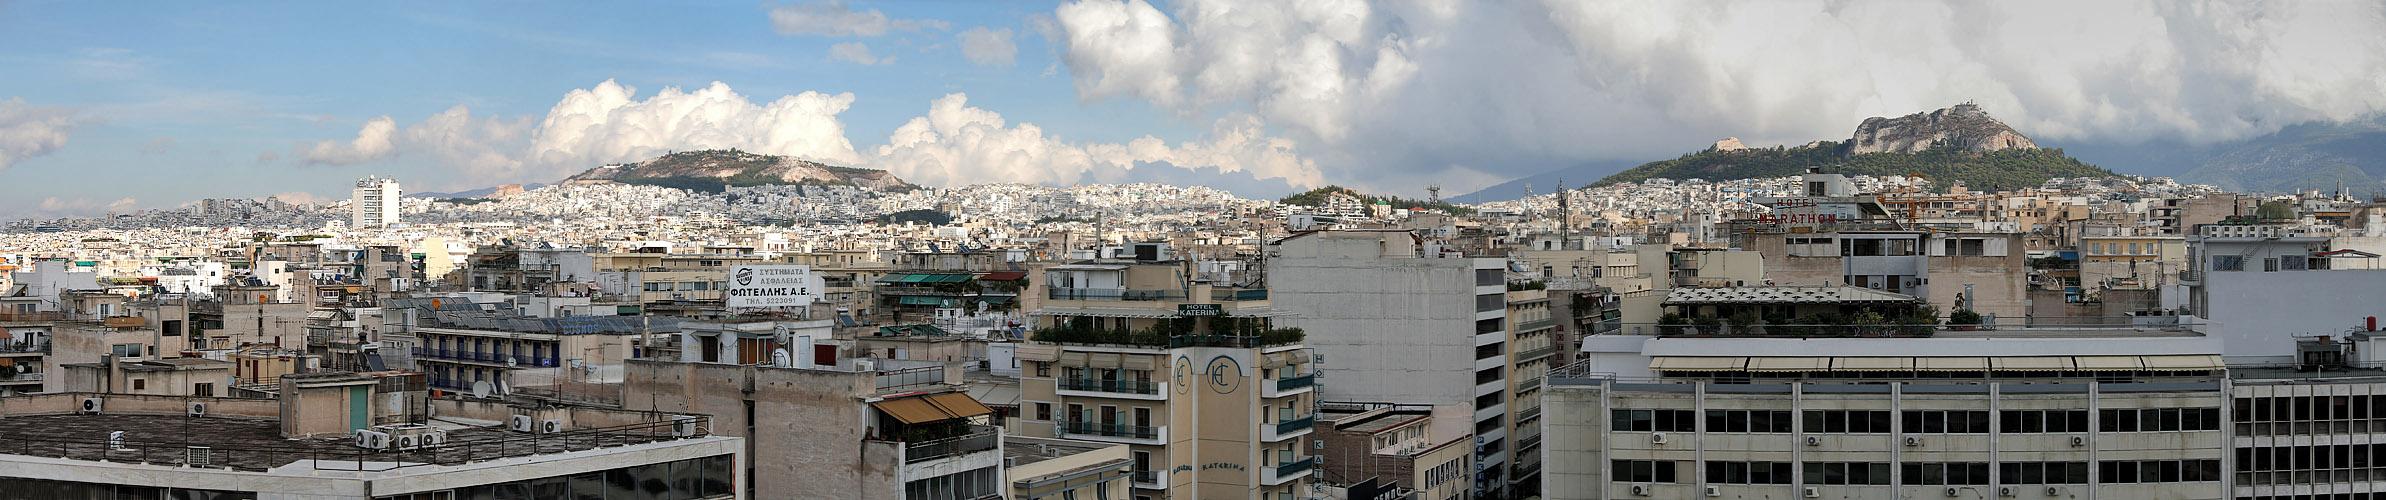 Athen Stadtansichten